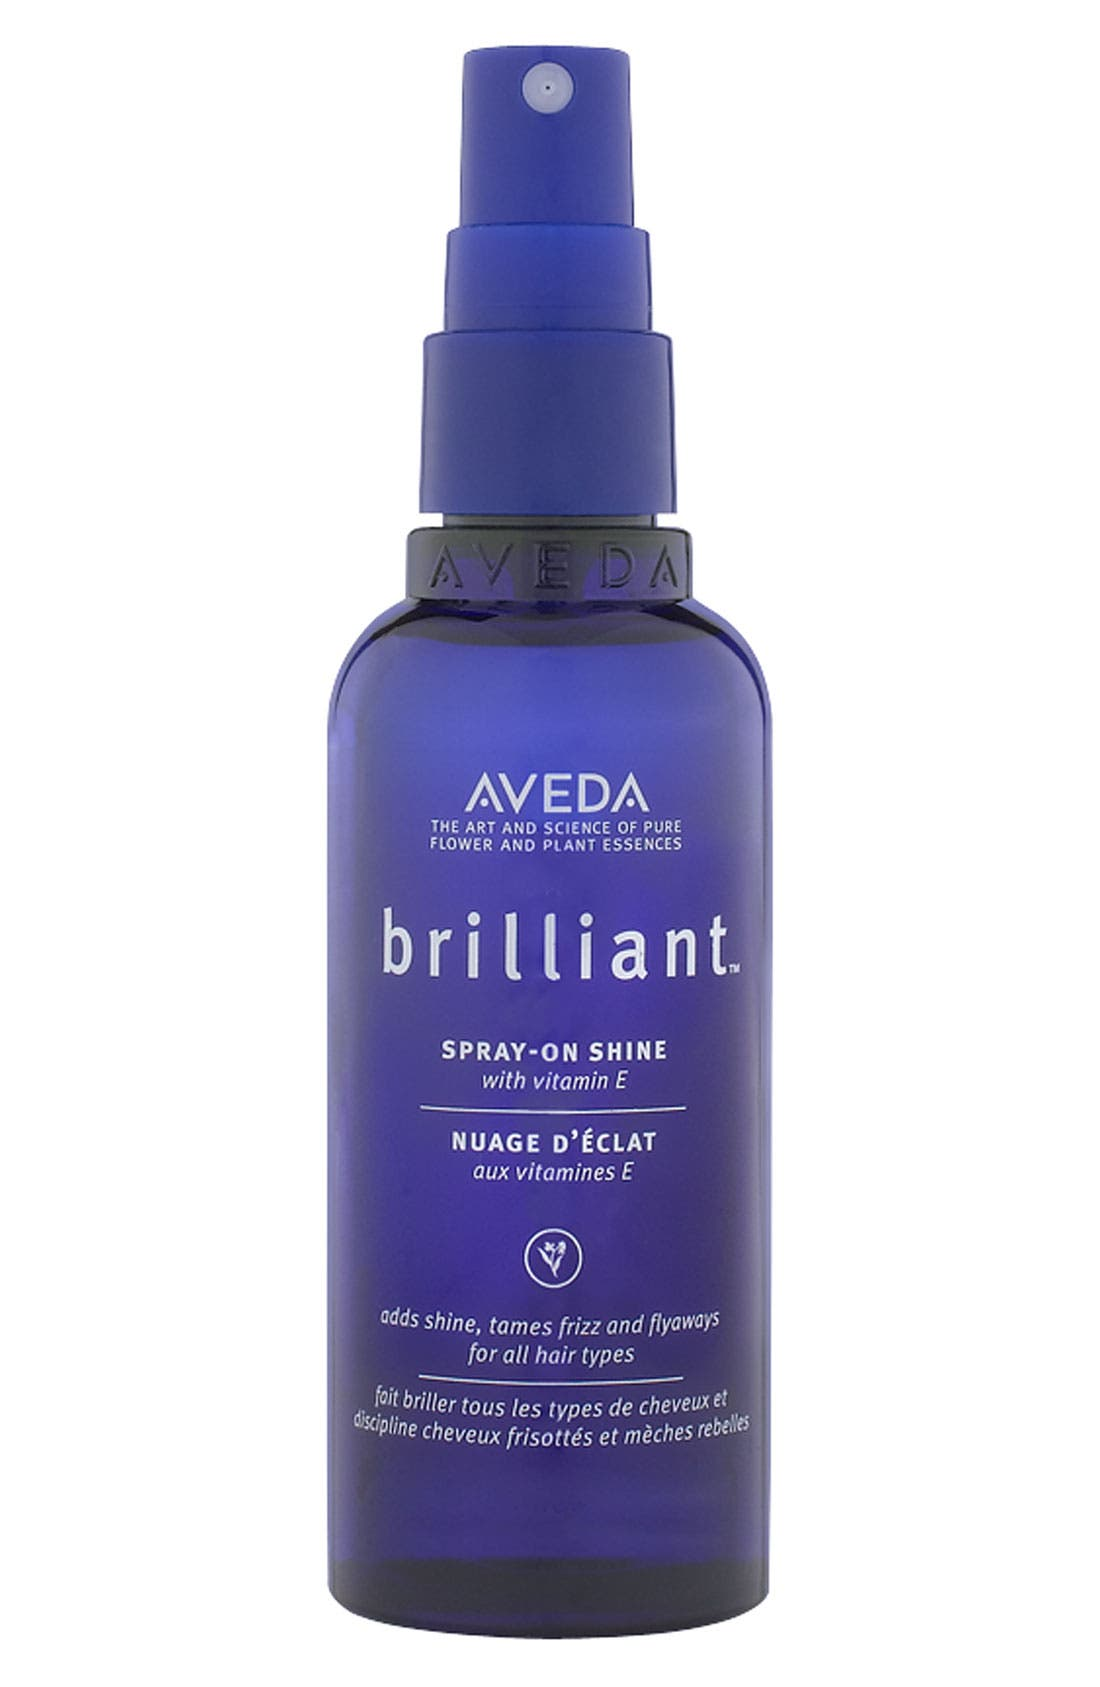 Aveda brilliant™ Spray-On Shine